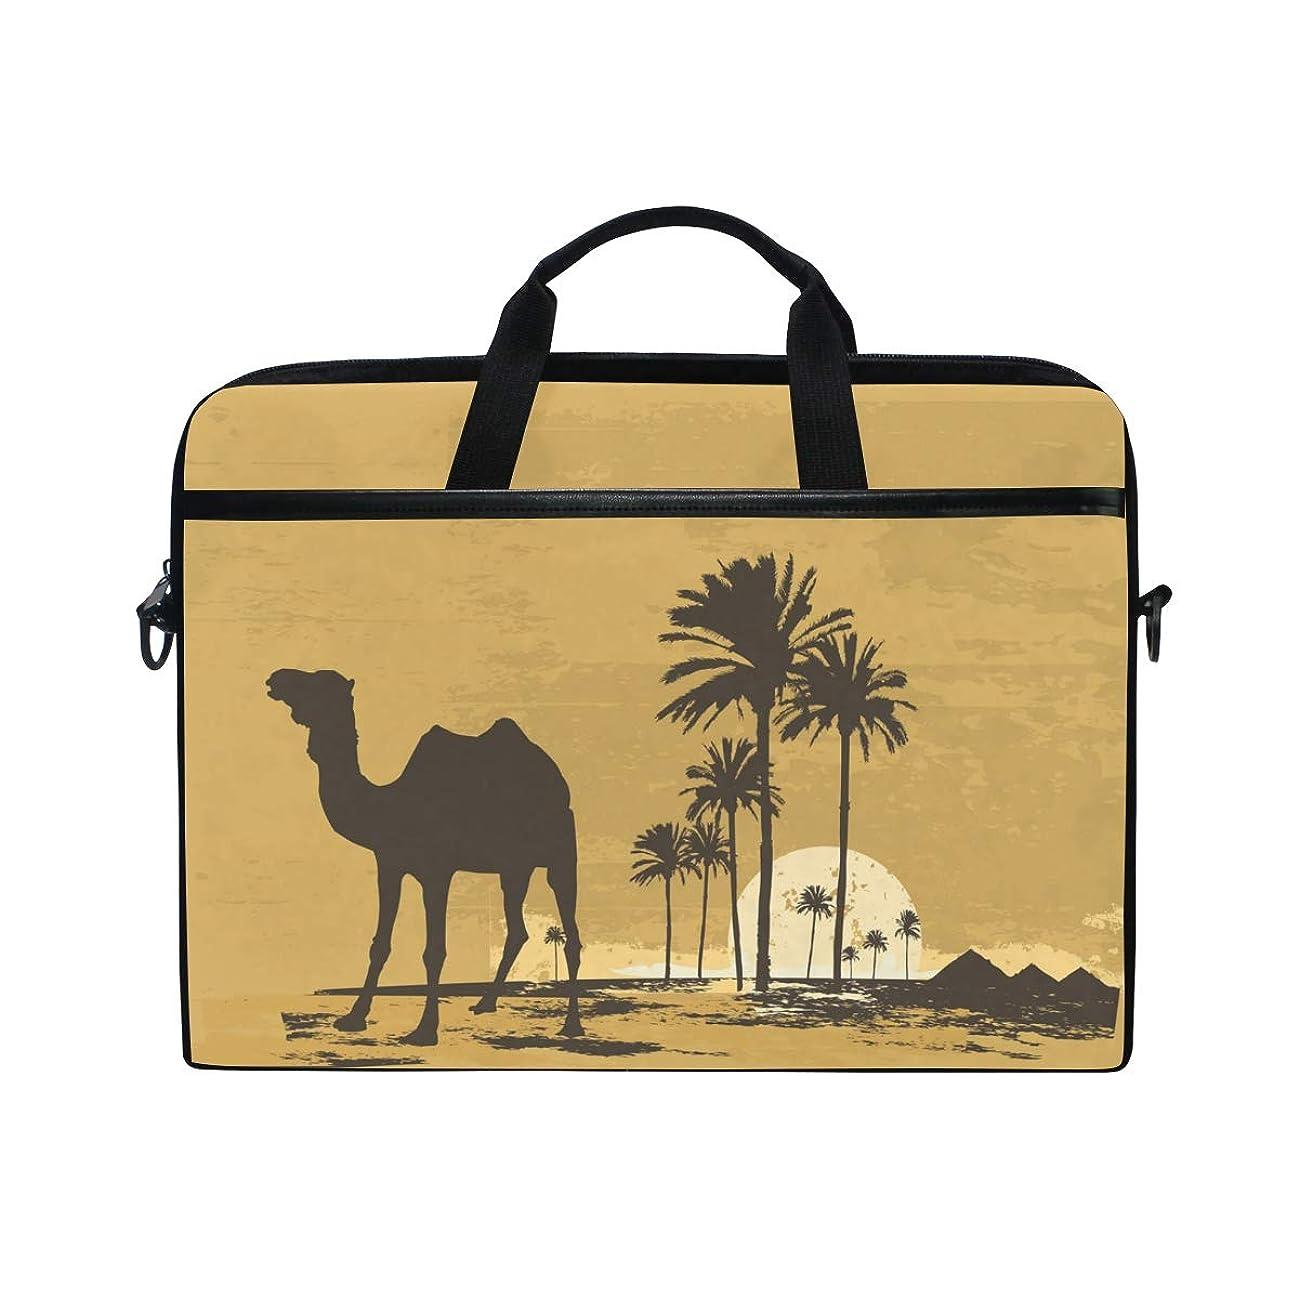 KEAKIA Desert Camel Laptop Bag Shoulder Messenger Bag Simplicity Slim Briefcase Commuter Bag Case Business Sleeve Carrying Handle Bag for 14 inch to 15.6 inch Laptop Notebook